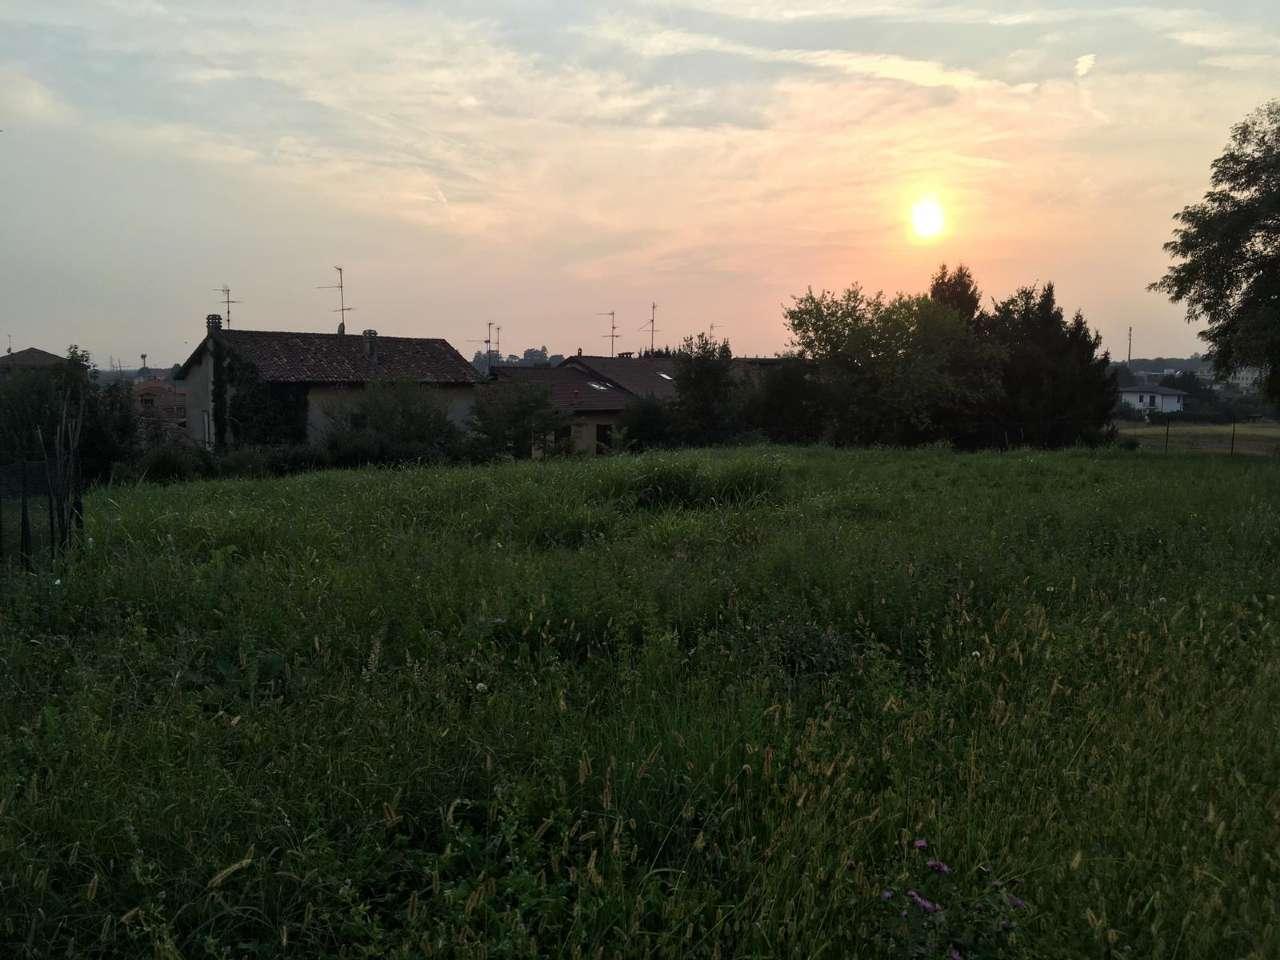 Terreno Agricolo in vendita a Casatenovo, 9999 locali, prezzo € 22.600 | CambioCasa.it